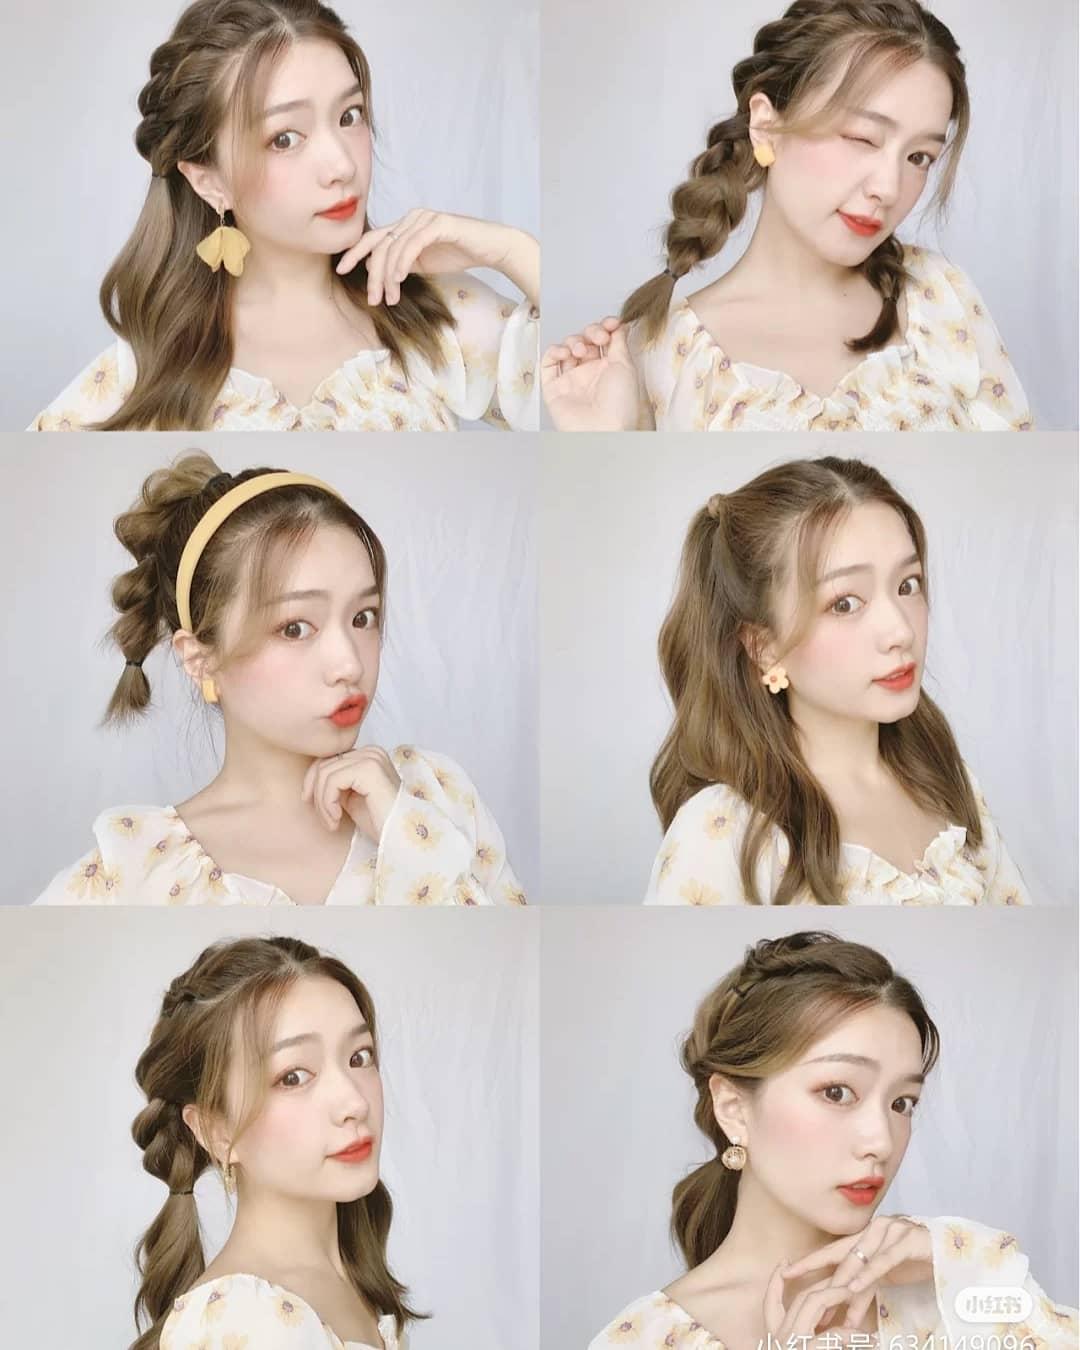 Các cô gái tóc dài có vô vàn cách tạo kiểu để làm duyên khi đến trường. Phù hợp nhất với các teen girl là những kiểu tóc tết đôi, tết ba, tết đuôi sam. Kiểu tóc vừa tết vừa buộc nửa cũng giúp gương mặt thêm rạng ngời, tươi tắn. Khi tạo những kiểu tóc này, bạn có thể dùng máy uốn nhẹ phần đuôi để giúp tóc thêm bồng bềnh.